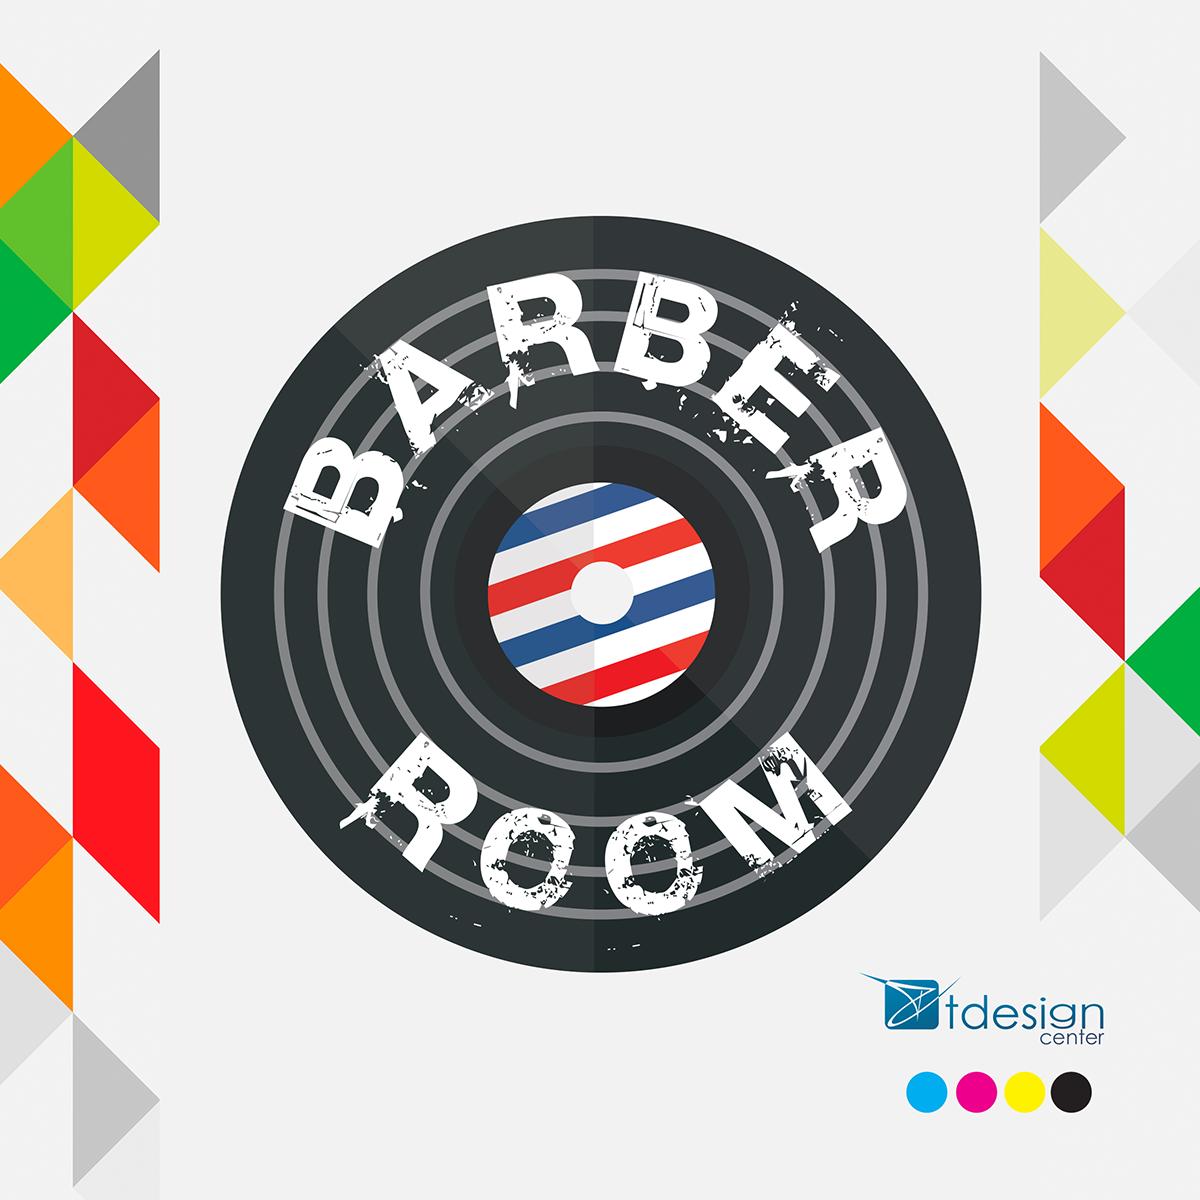 Logo stworzone dla Salonu Fryzjerskiego Look'n'Roll - sekcja barber